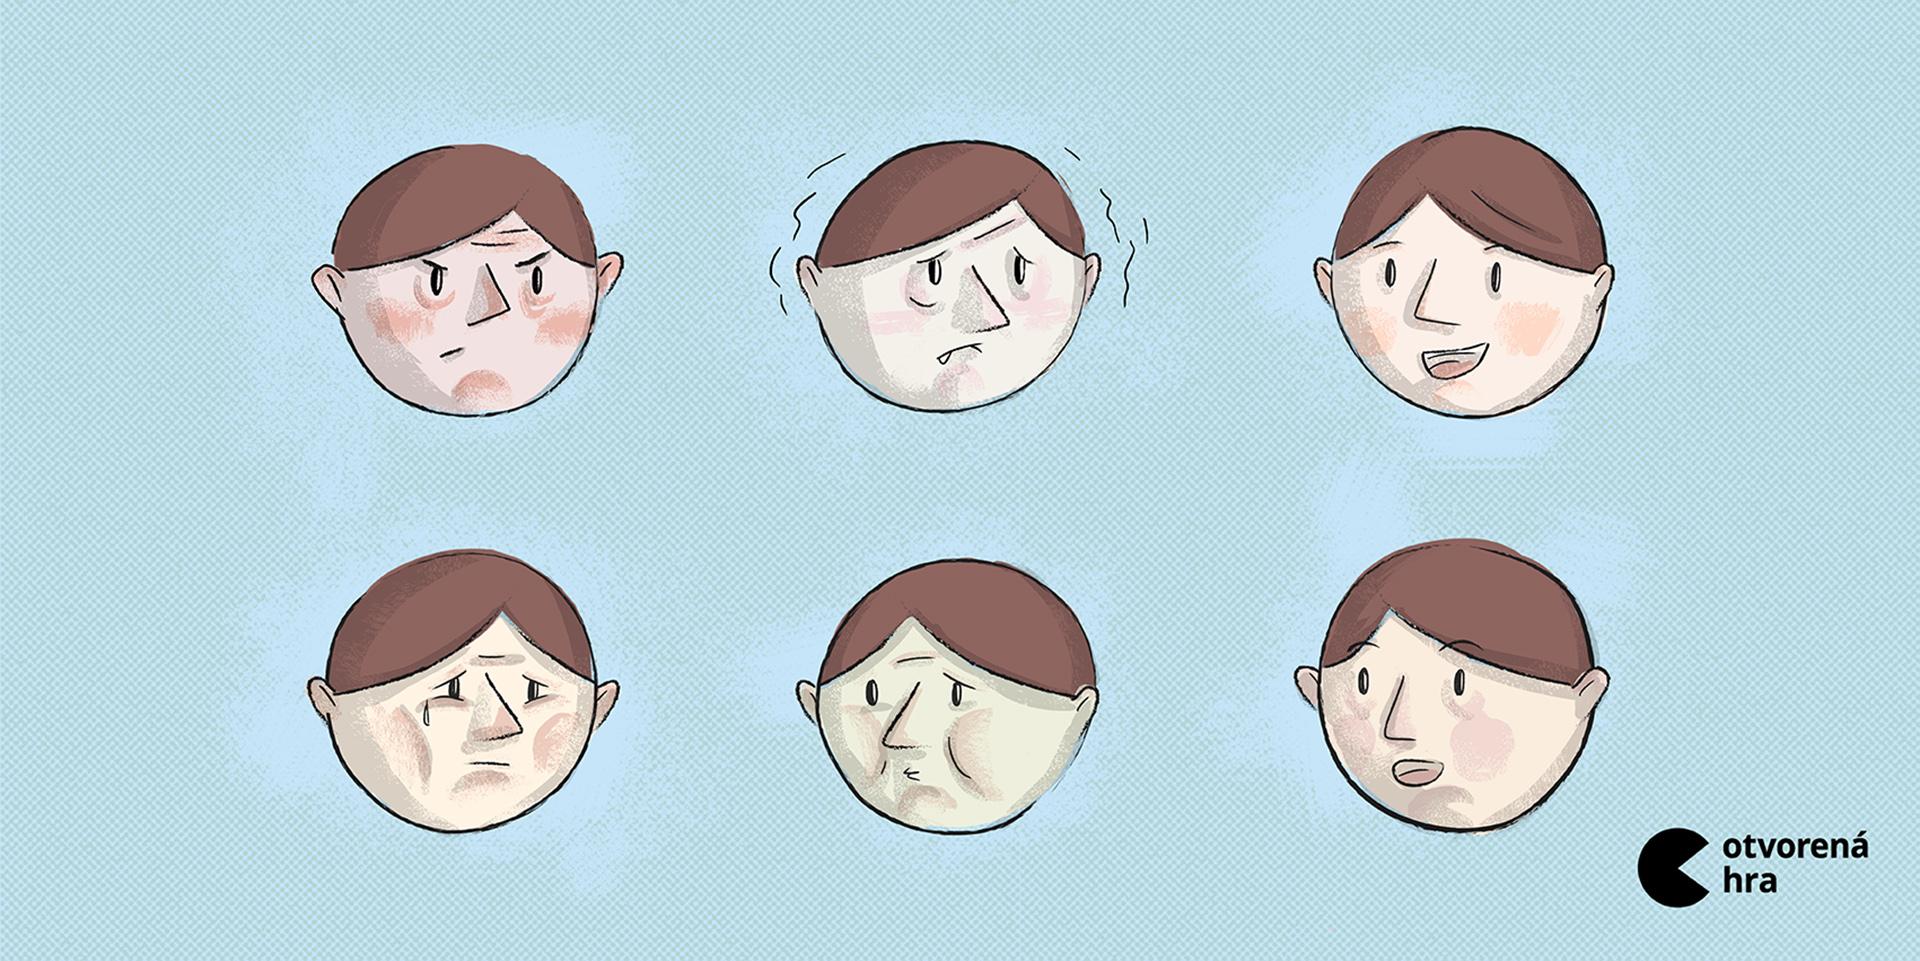 Existujú emócie, ktoré vyjadrujeme všetci rovnako?